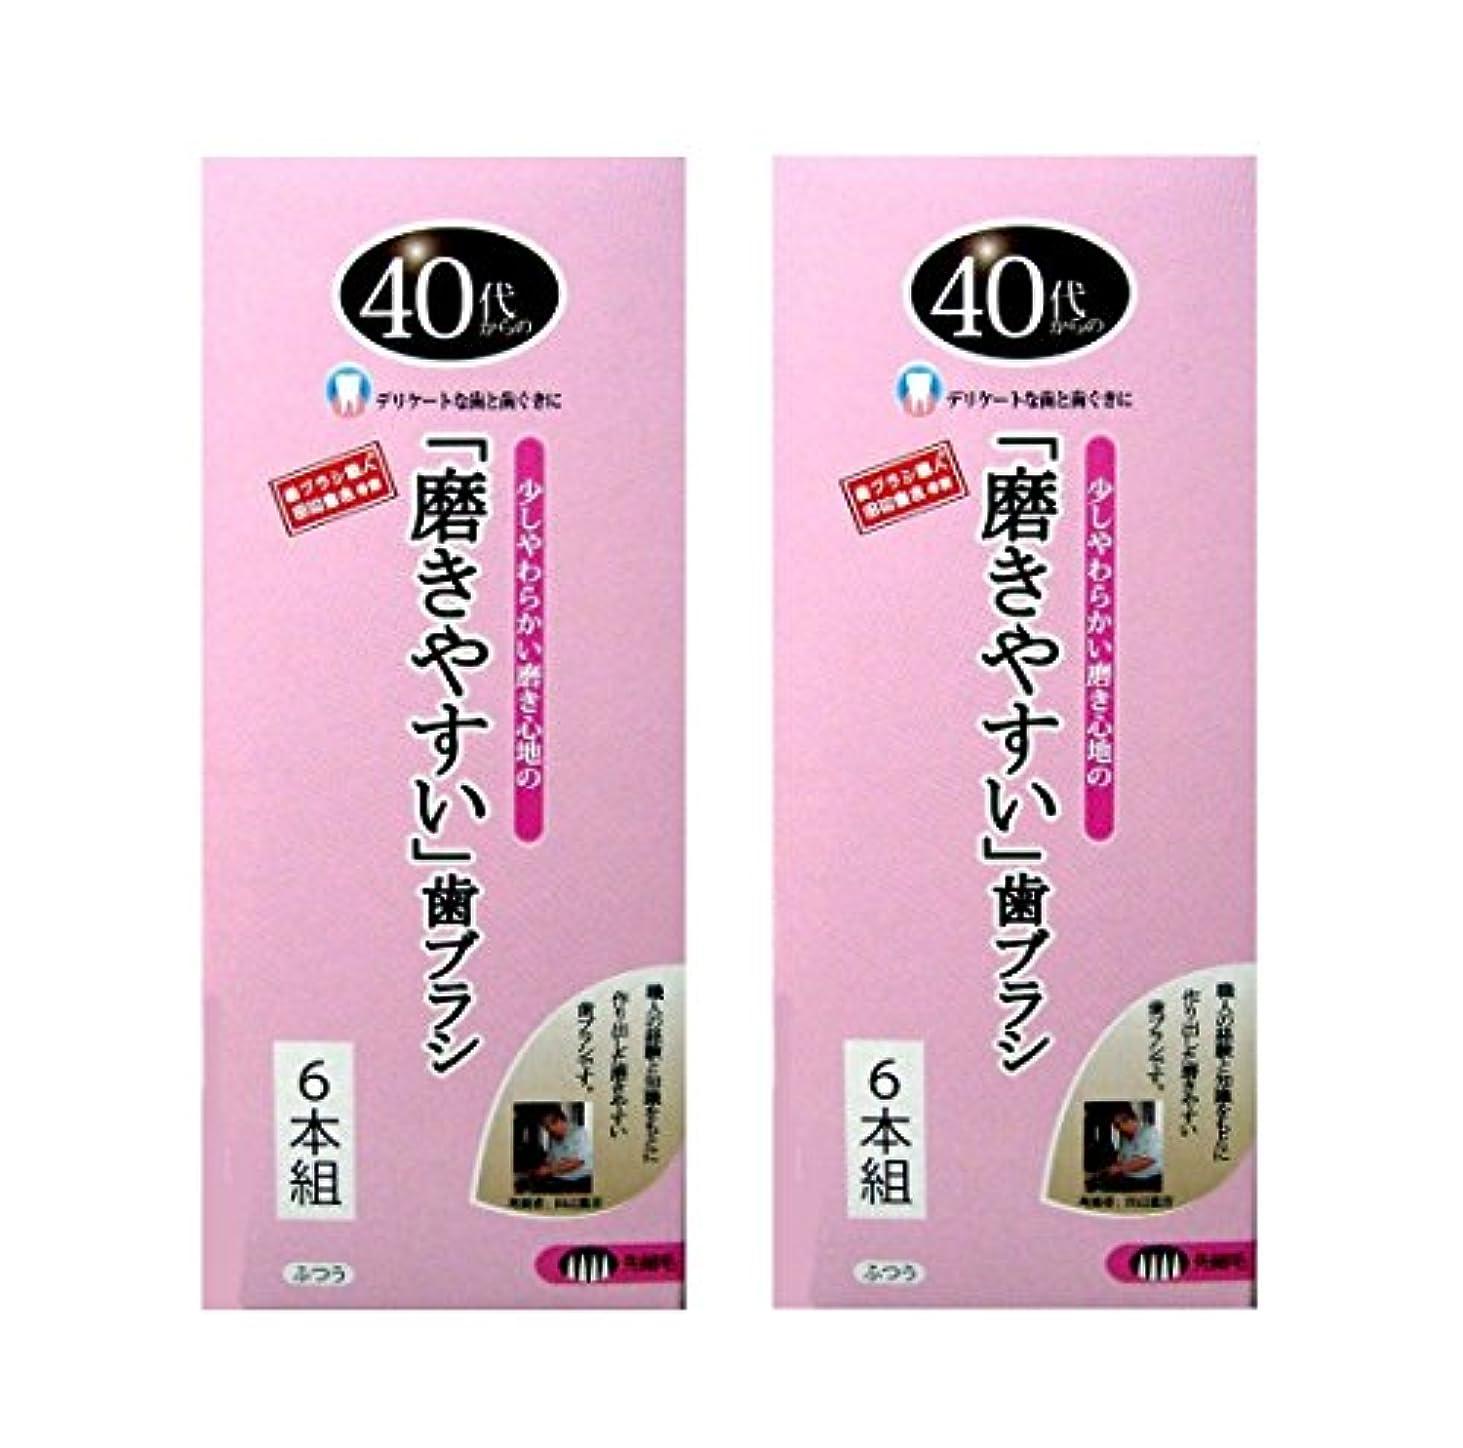 疑問を超えてその結果振り向く歯ブラシ職人 田辺重吉考案 40代からの磨きやすい歯ブラシ 先細 6本組×2個セット